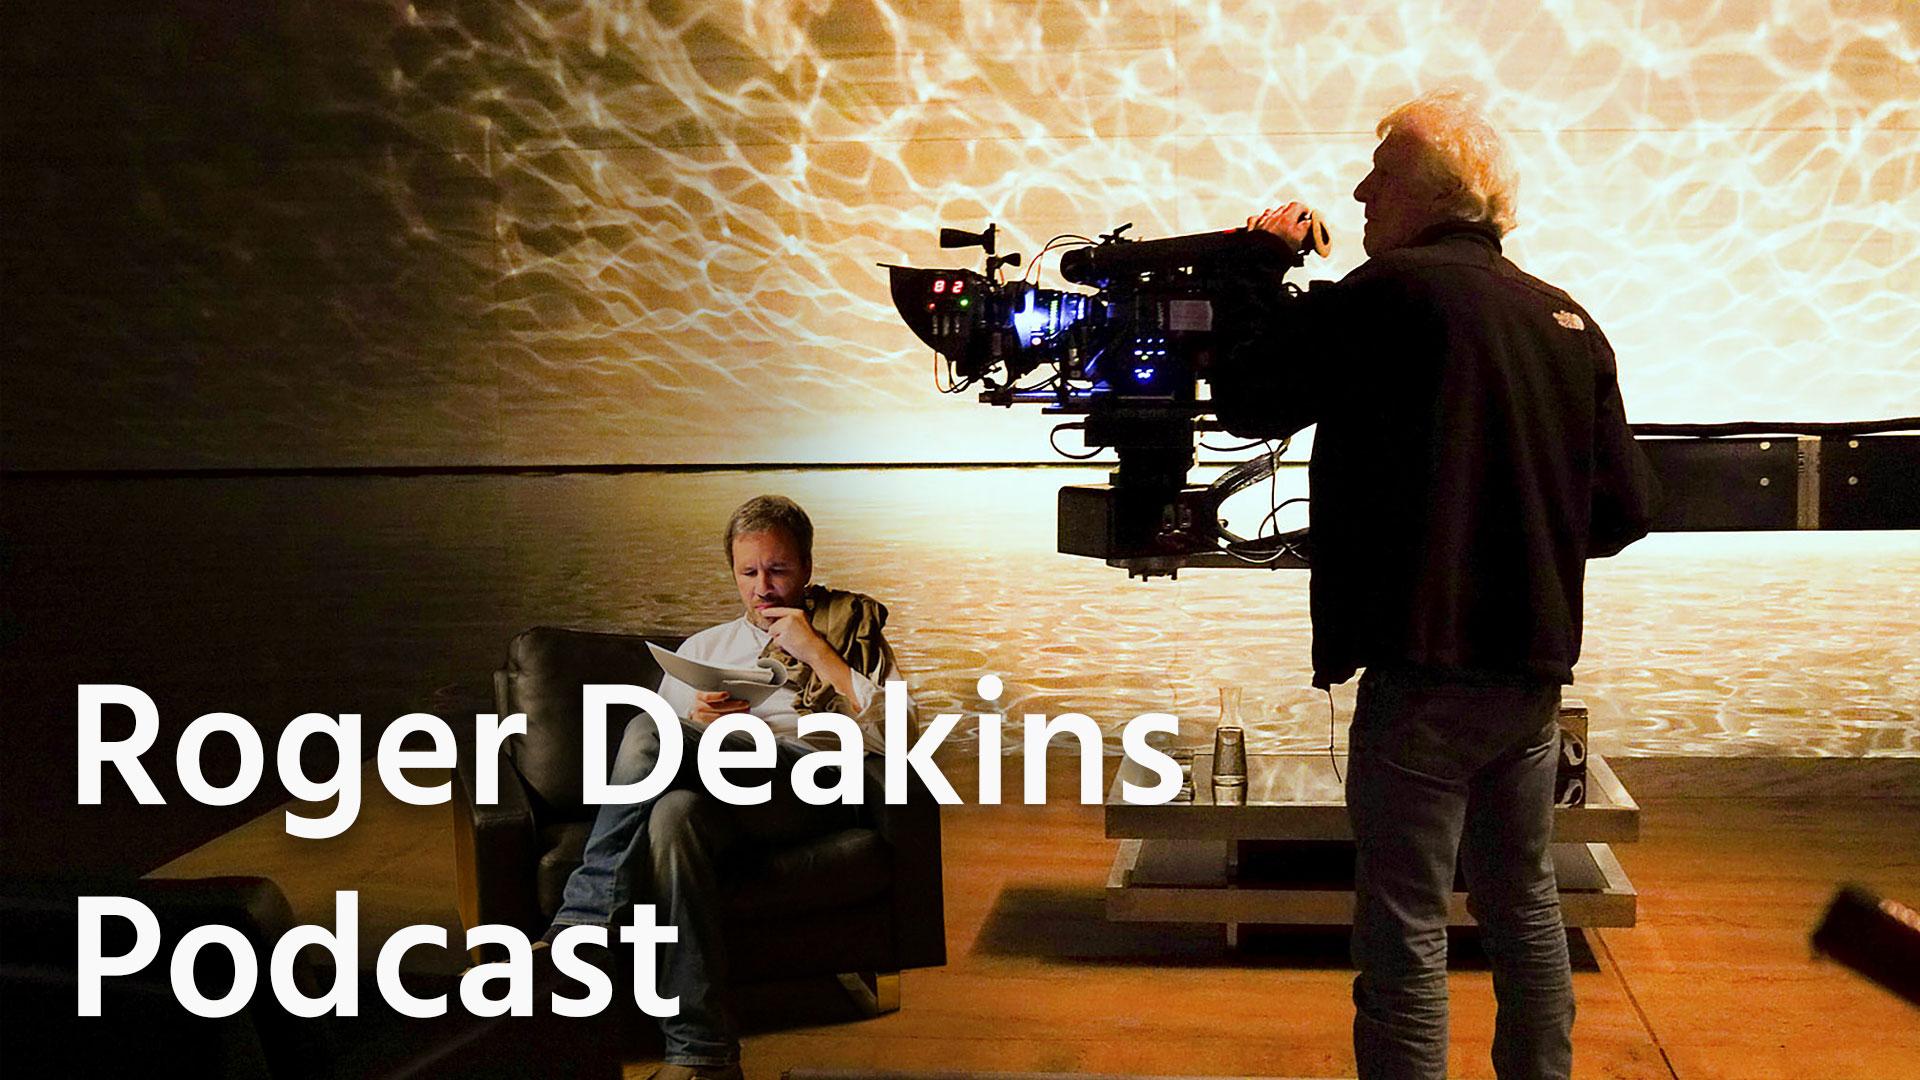 Podcast de Roger Deakins, escucha y aprende con un maestro de la cinematografía